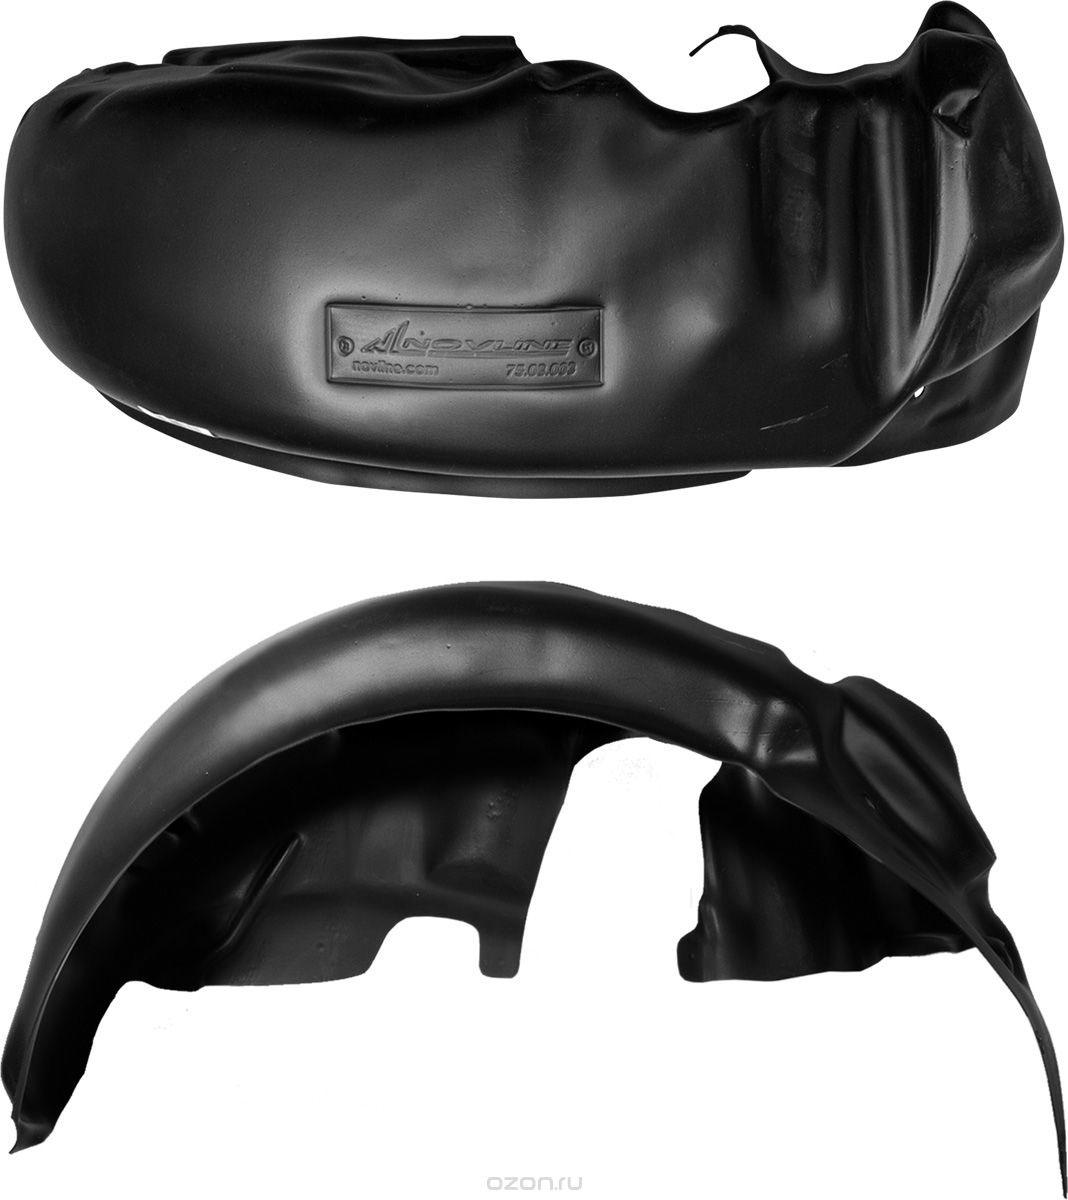 Подкрылок Novline-Autofamily, для Citroen Jumper, 08/2014->, без расширителей арок, передний левыйNLL.10.20.001Идеальная защита колесной ниши. Локеры разработаны с применением цифровых технологий, гарантируют максимальную повторяемость поверхности арки. Изделия устанавливаются без нарушения лакокрасочного покрытия автомобиля, каждый подкрылок комплектуется крепежом. Уважаемые клиенты, обращаем ваше внимание, что фотографии на подкрылки универсальные и не отражают реальную форму изделия. При этом само изделие идет точно под размер указанного автомобиля.